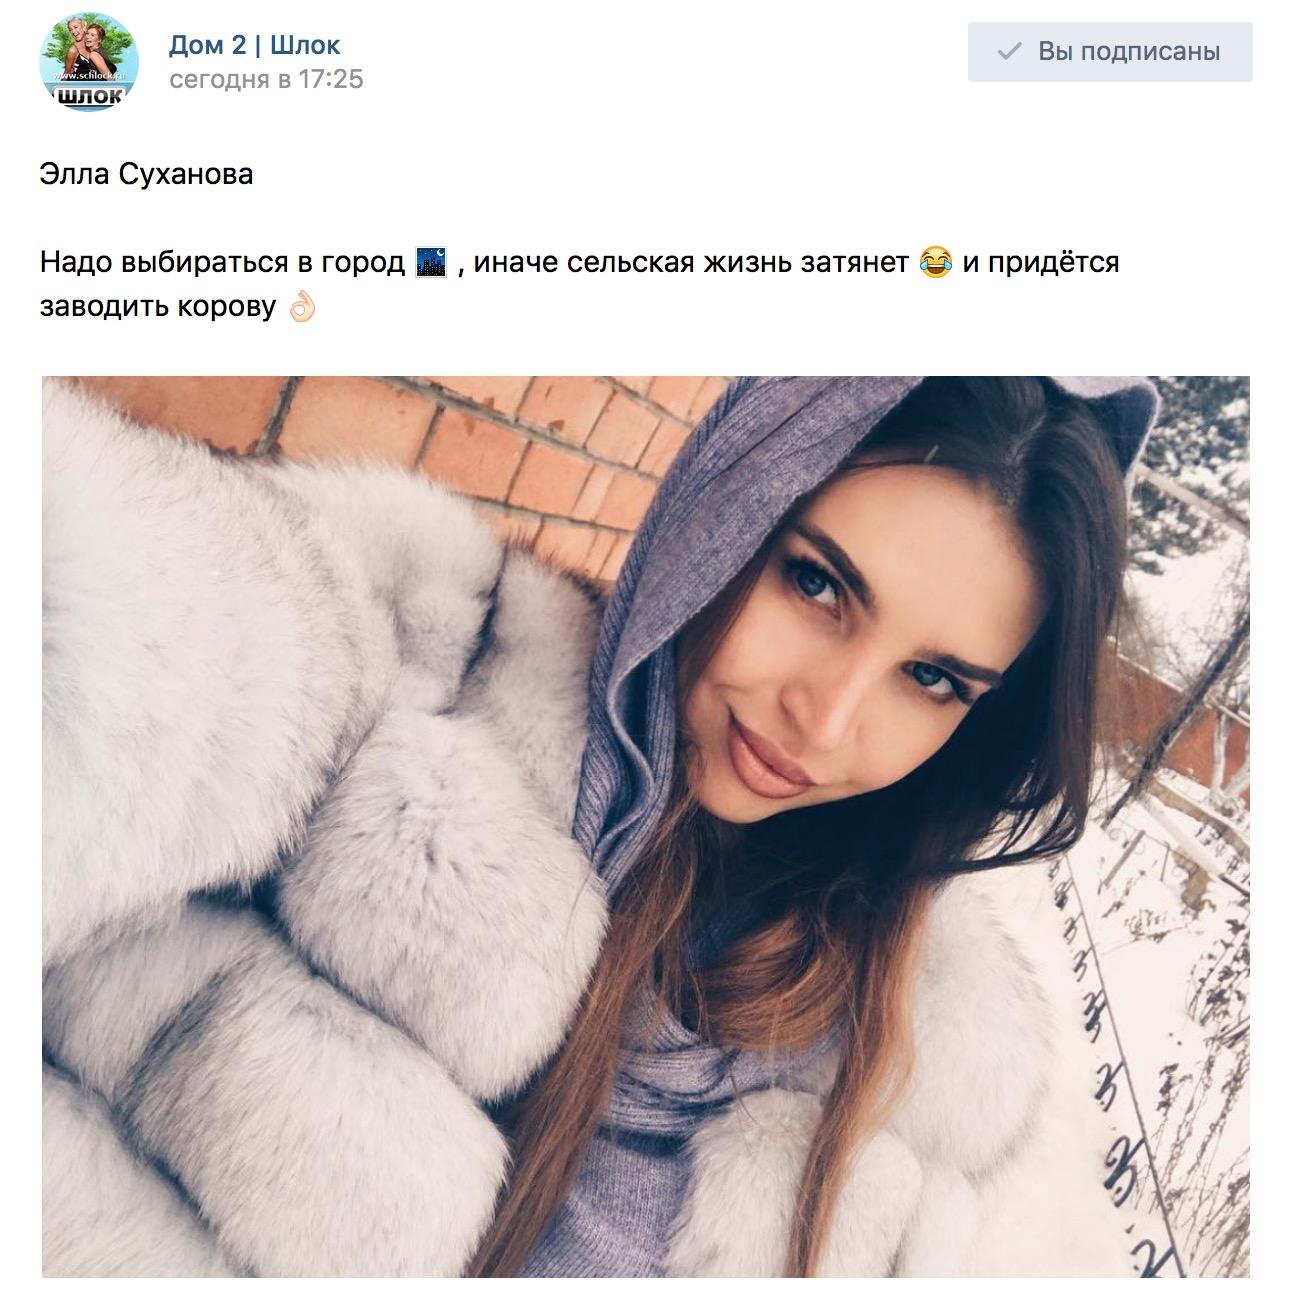 Сухановой надоело в селе